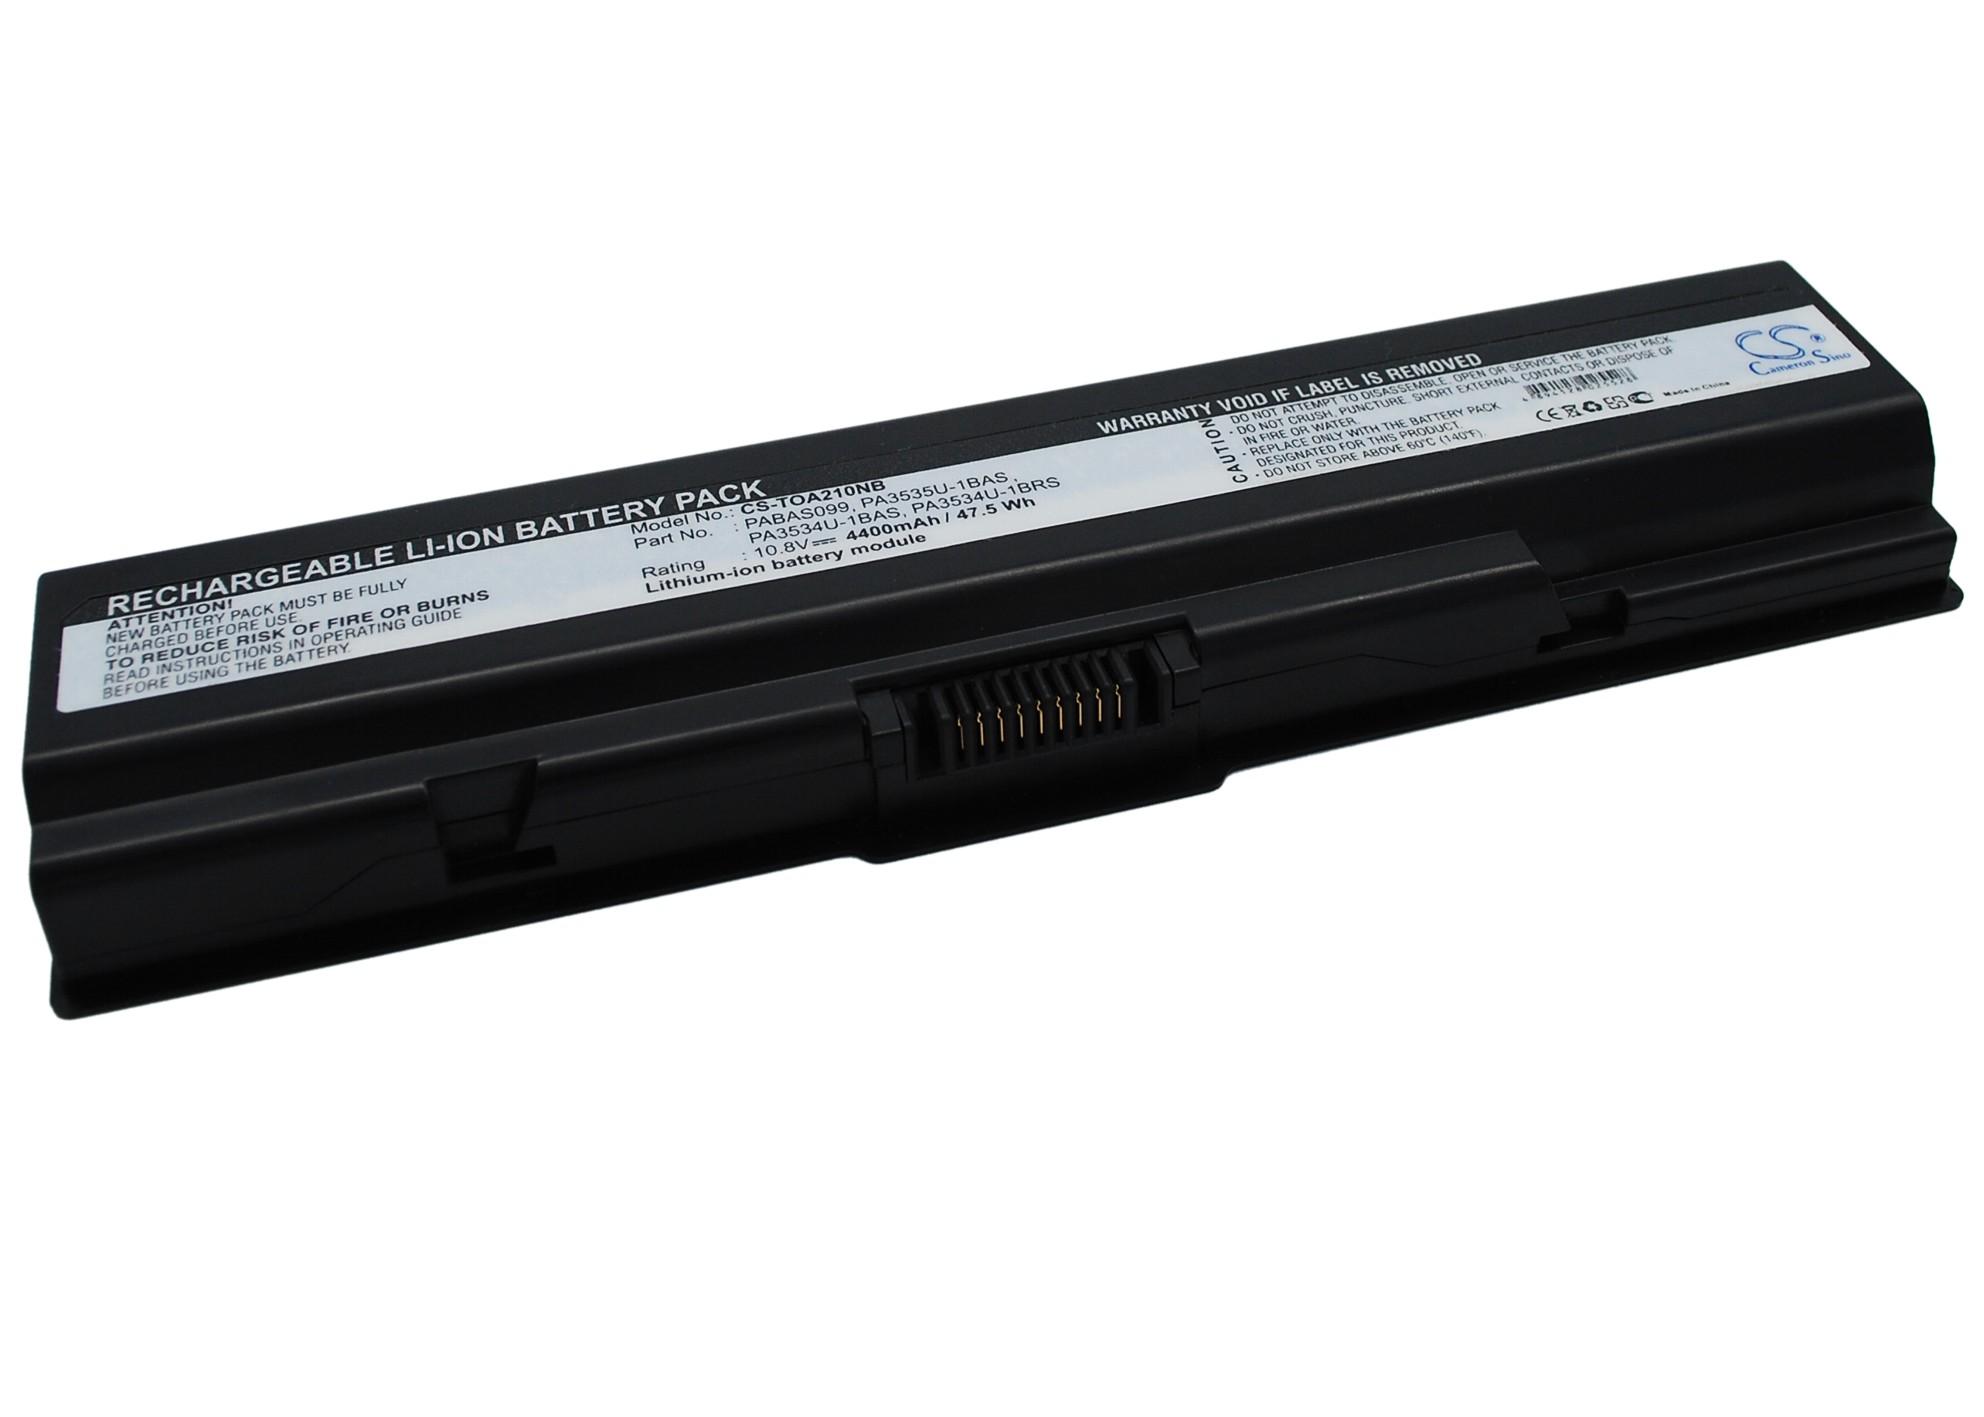 Cameron Sino baterie do notebooků pro TOSHIBA Satellite L505-ES5015 10.8V Li-ion 4400mAh černá - neoriginální